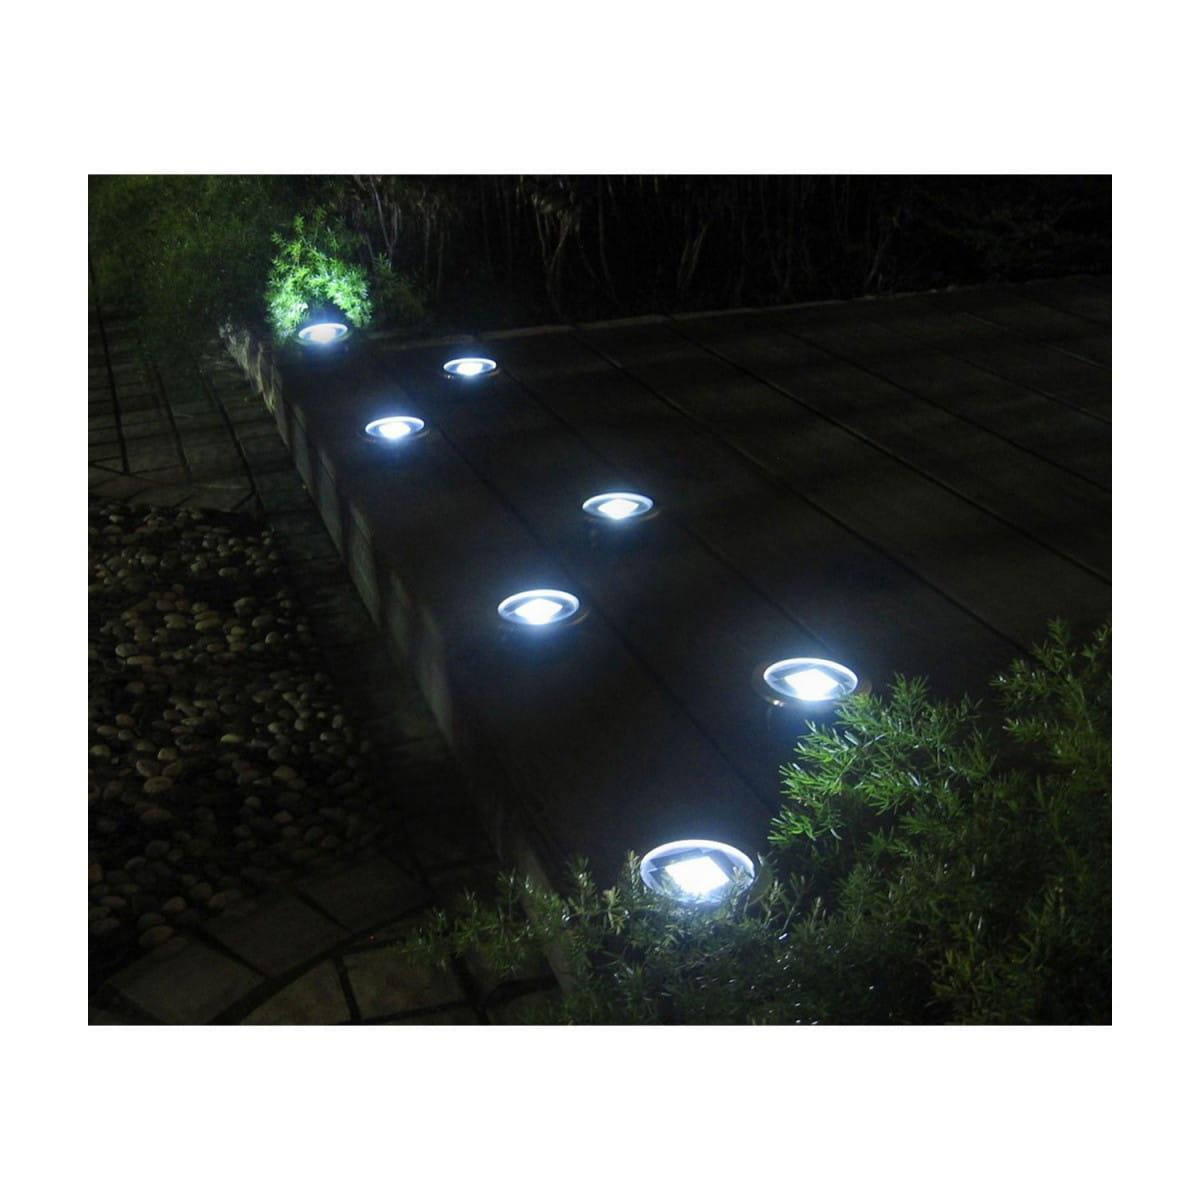 Lampy Solarne Led Stalowe Naziemne Zestaw 4 Sztuk